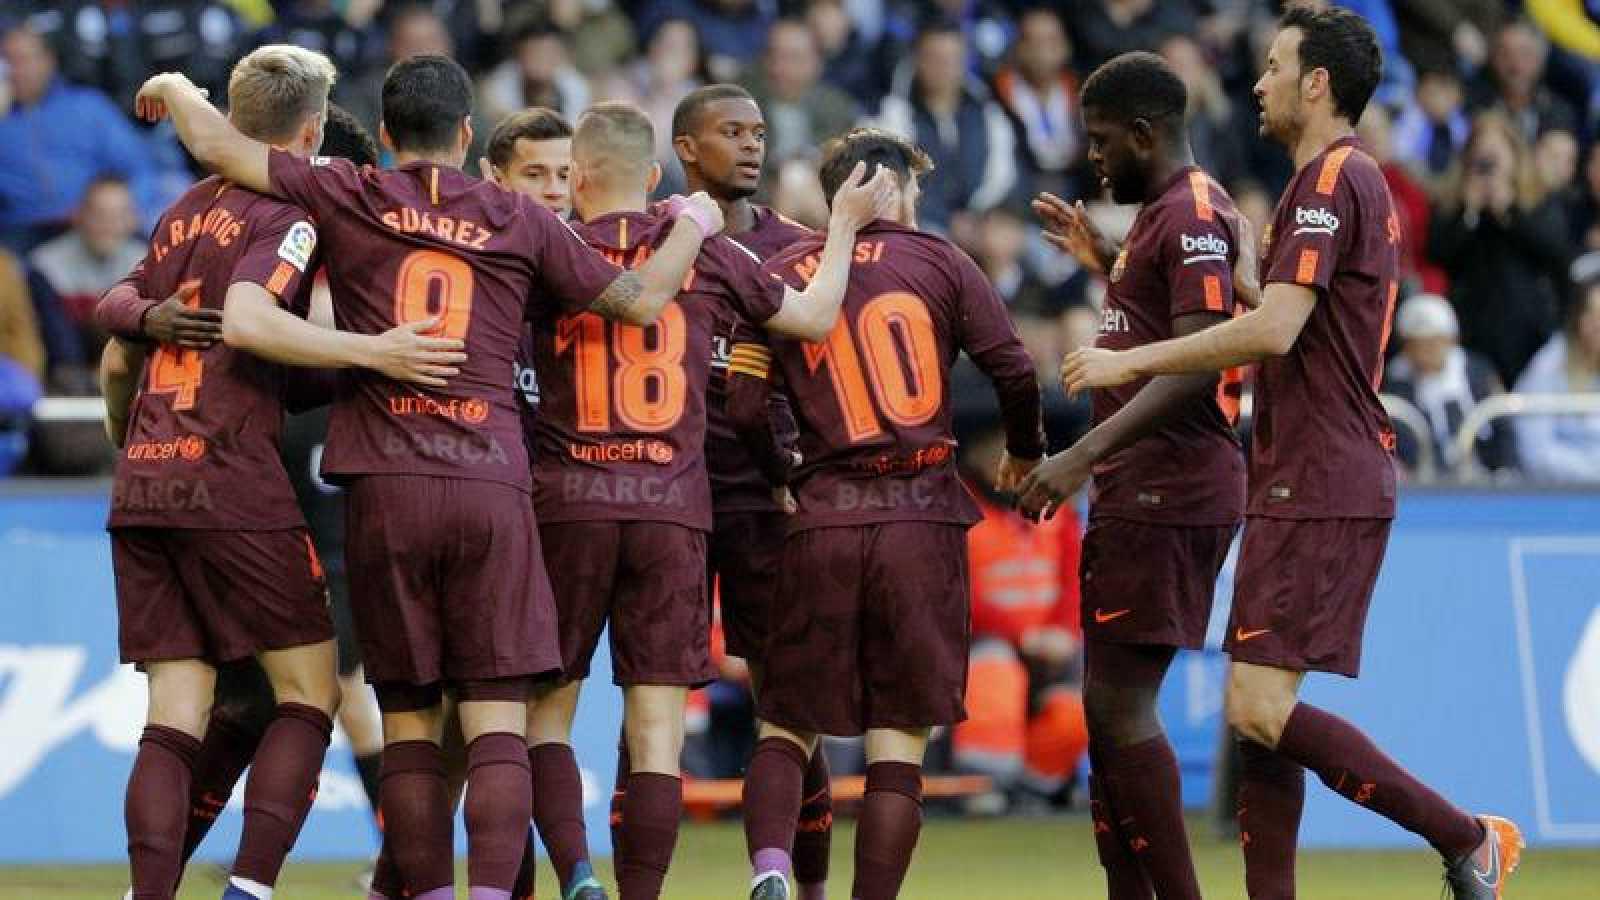 El Barça se proclama campeón de Liga tras empatar en Riazor